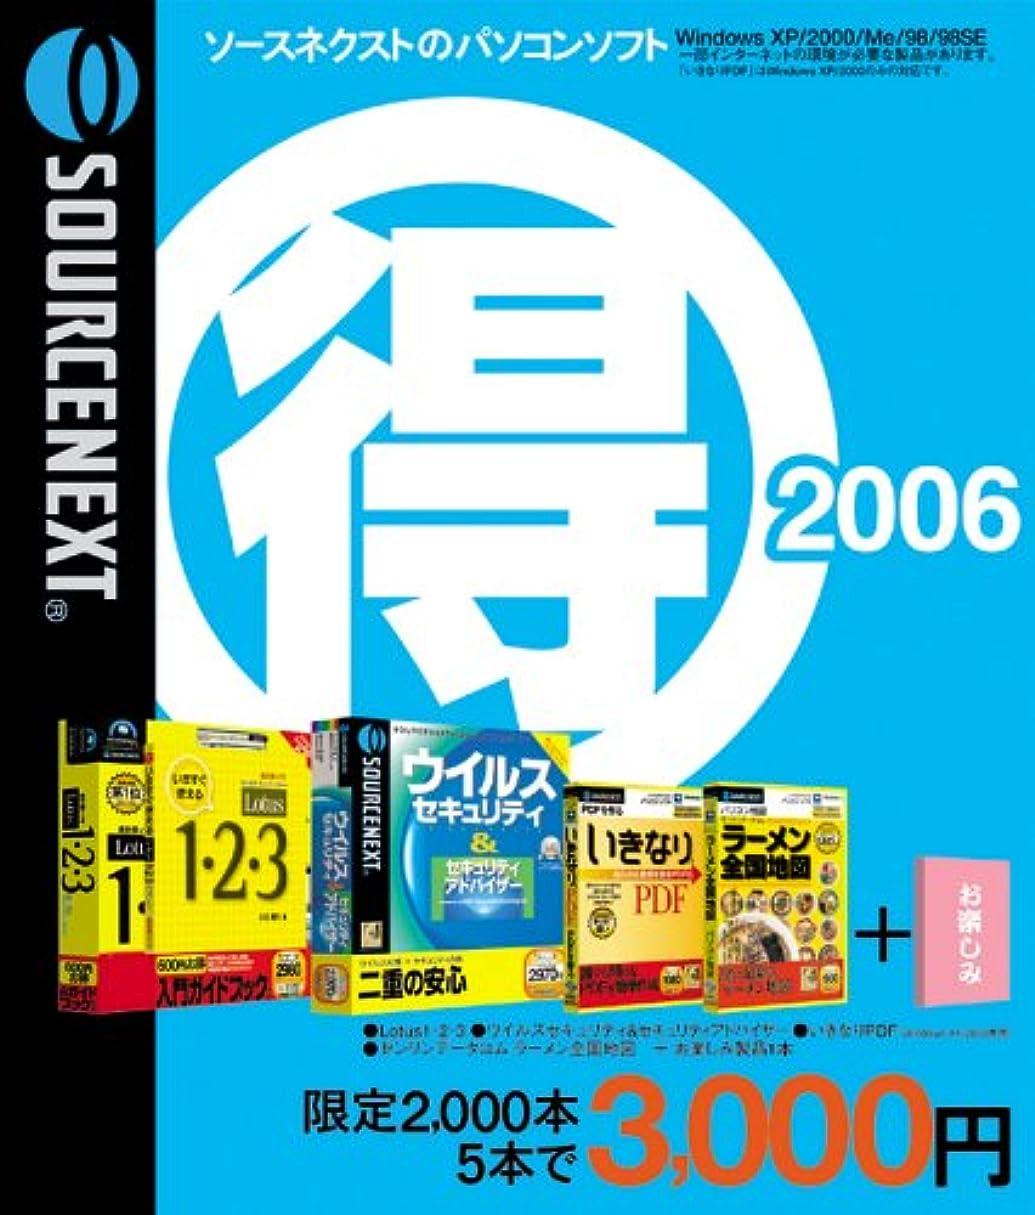 非アクティブシリアル豊かにするマル得パック2006 3000円パックC